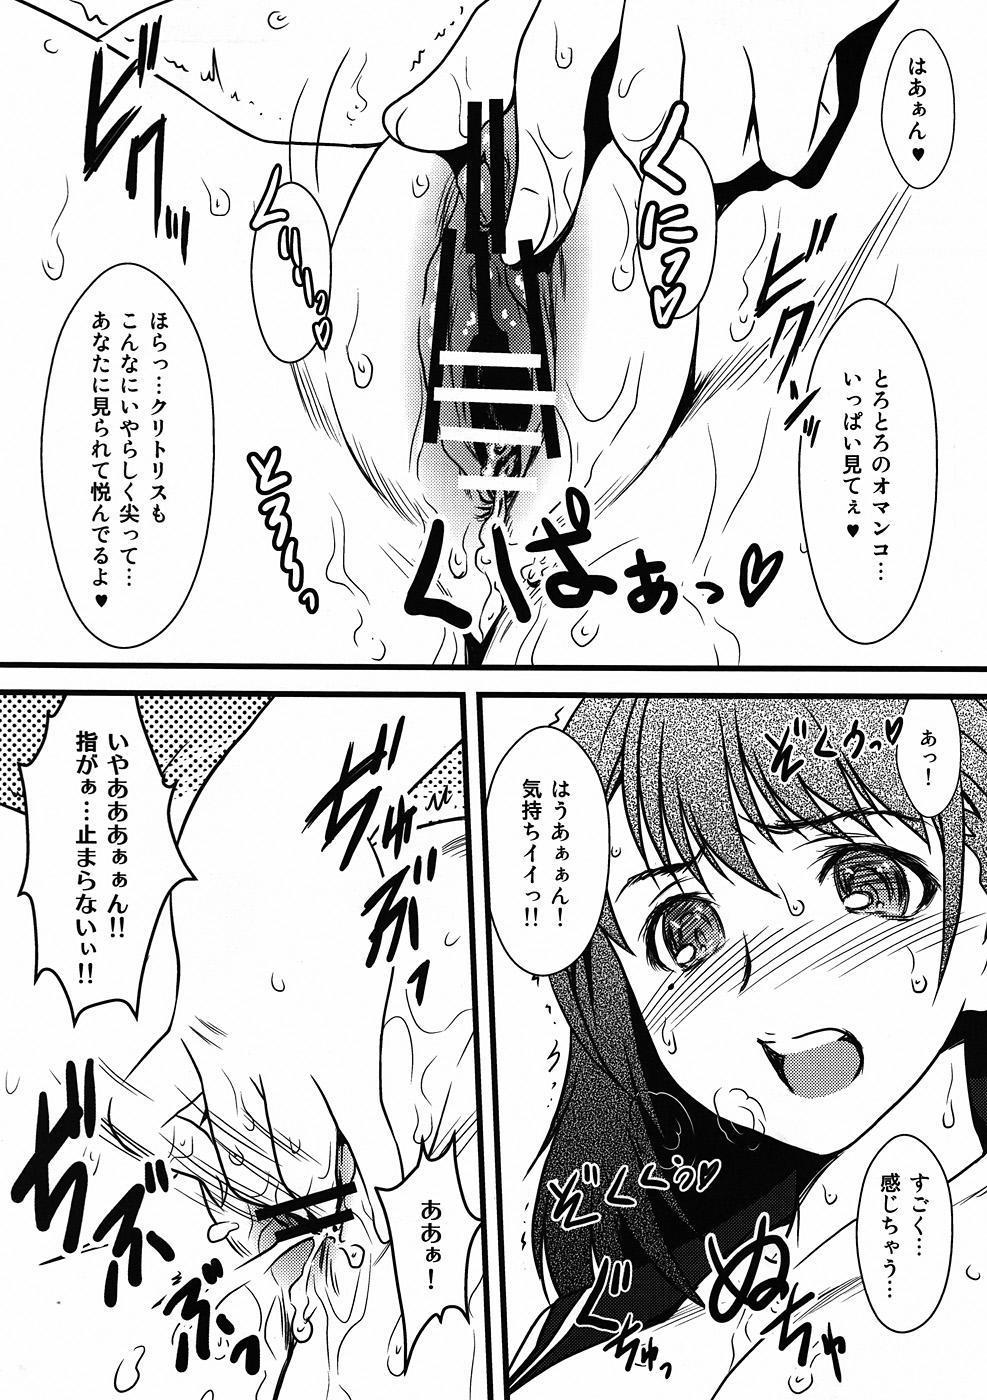 Yorokobi no Kuni Vol.13 Erosou de Erokunai Wake ga nai! Mono Sugoku Eroi Nene-san! 12